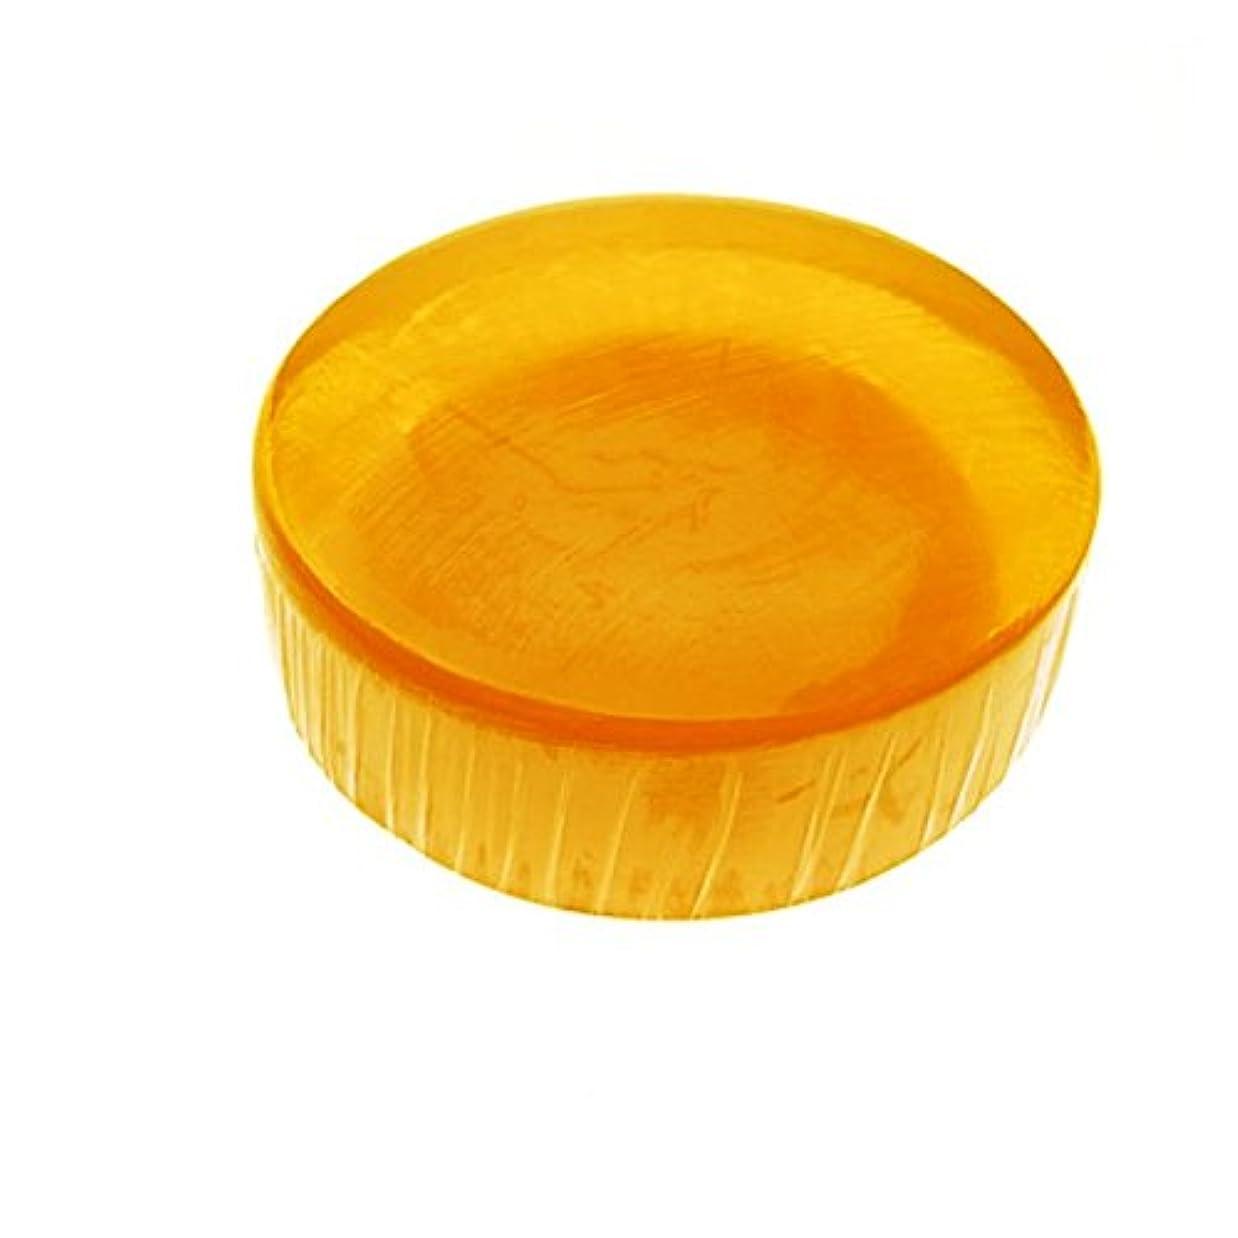 カロリーダーツ犬瑚泡美肌ハチミツ石けん100g(泡立てネット/使用説明書付き)